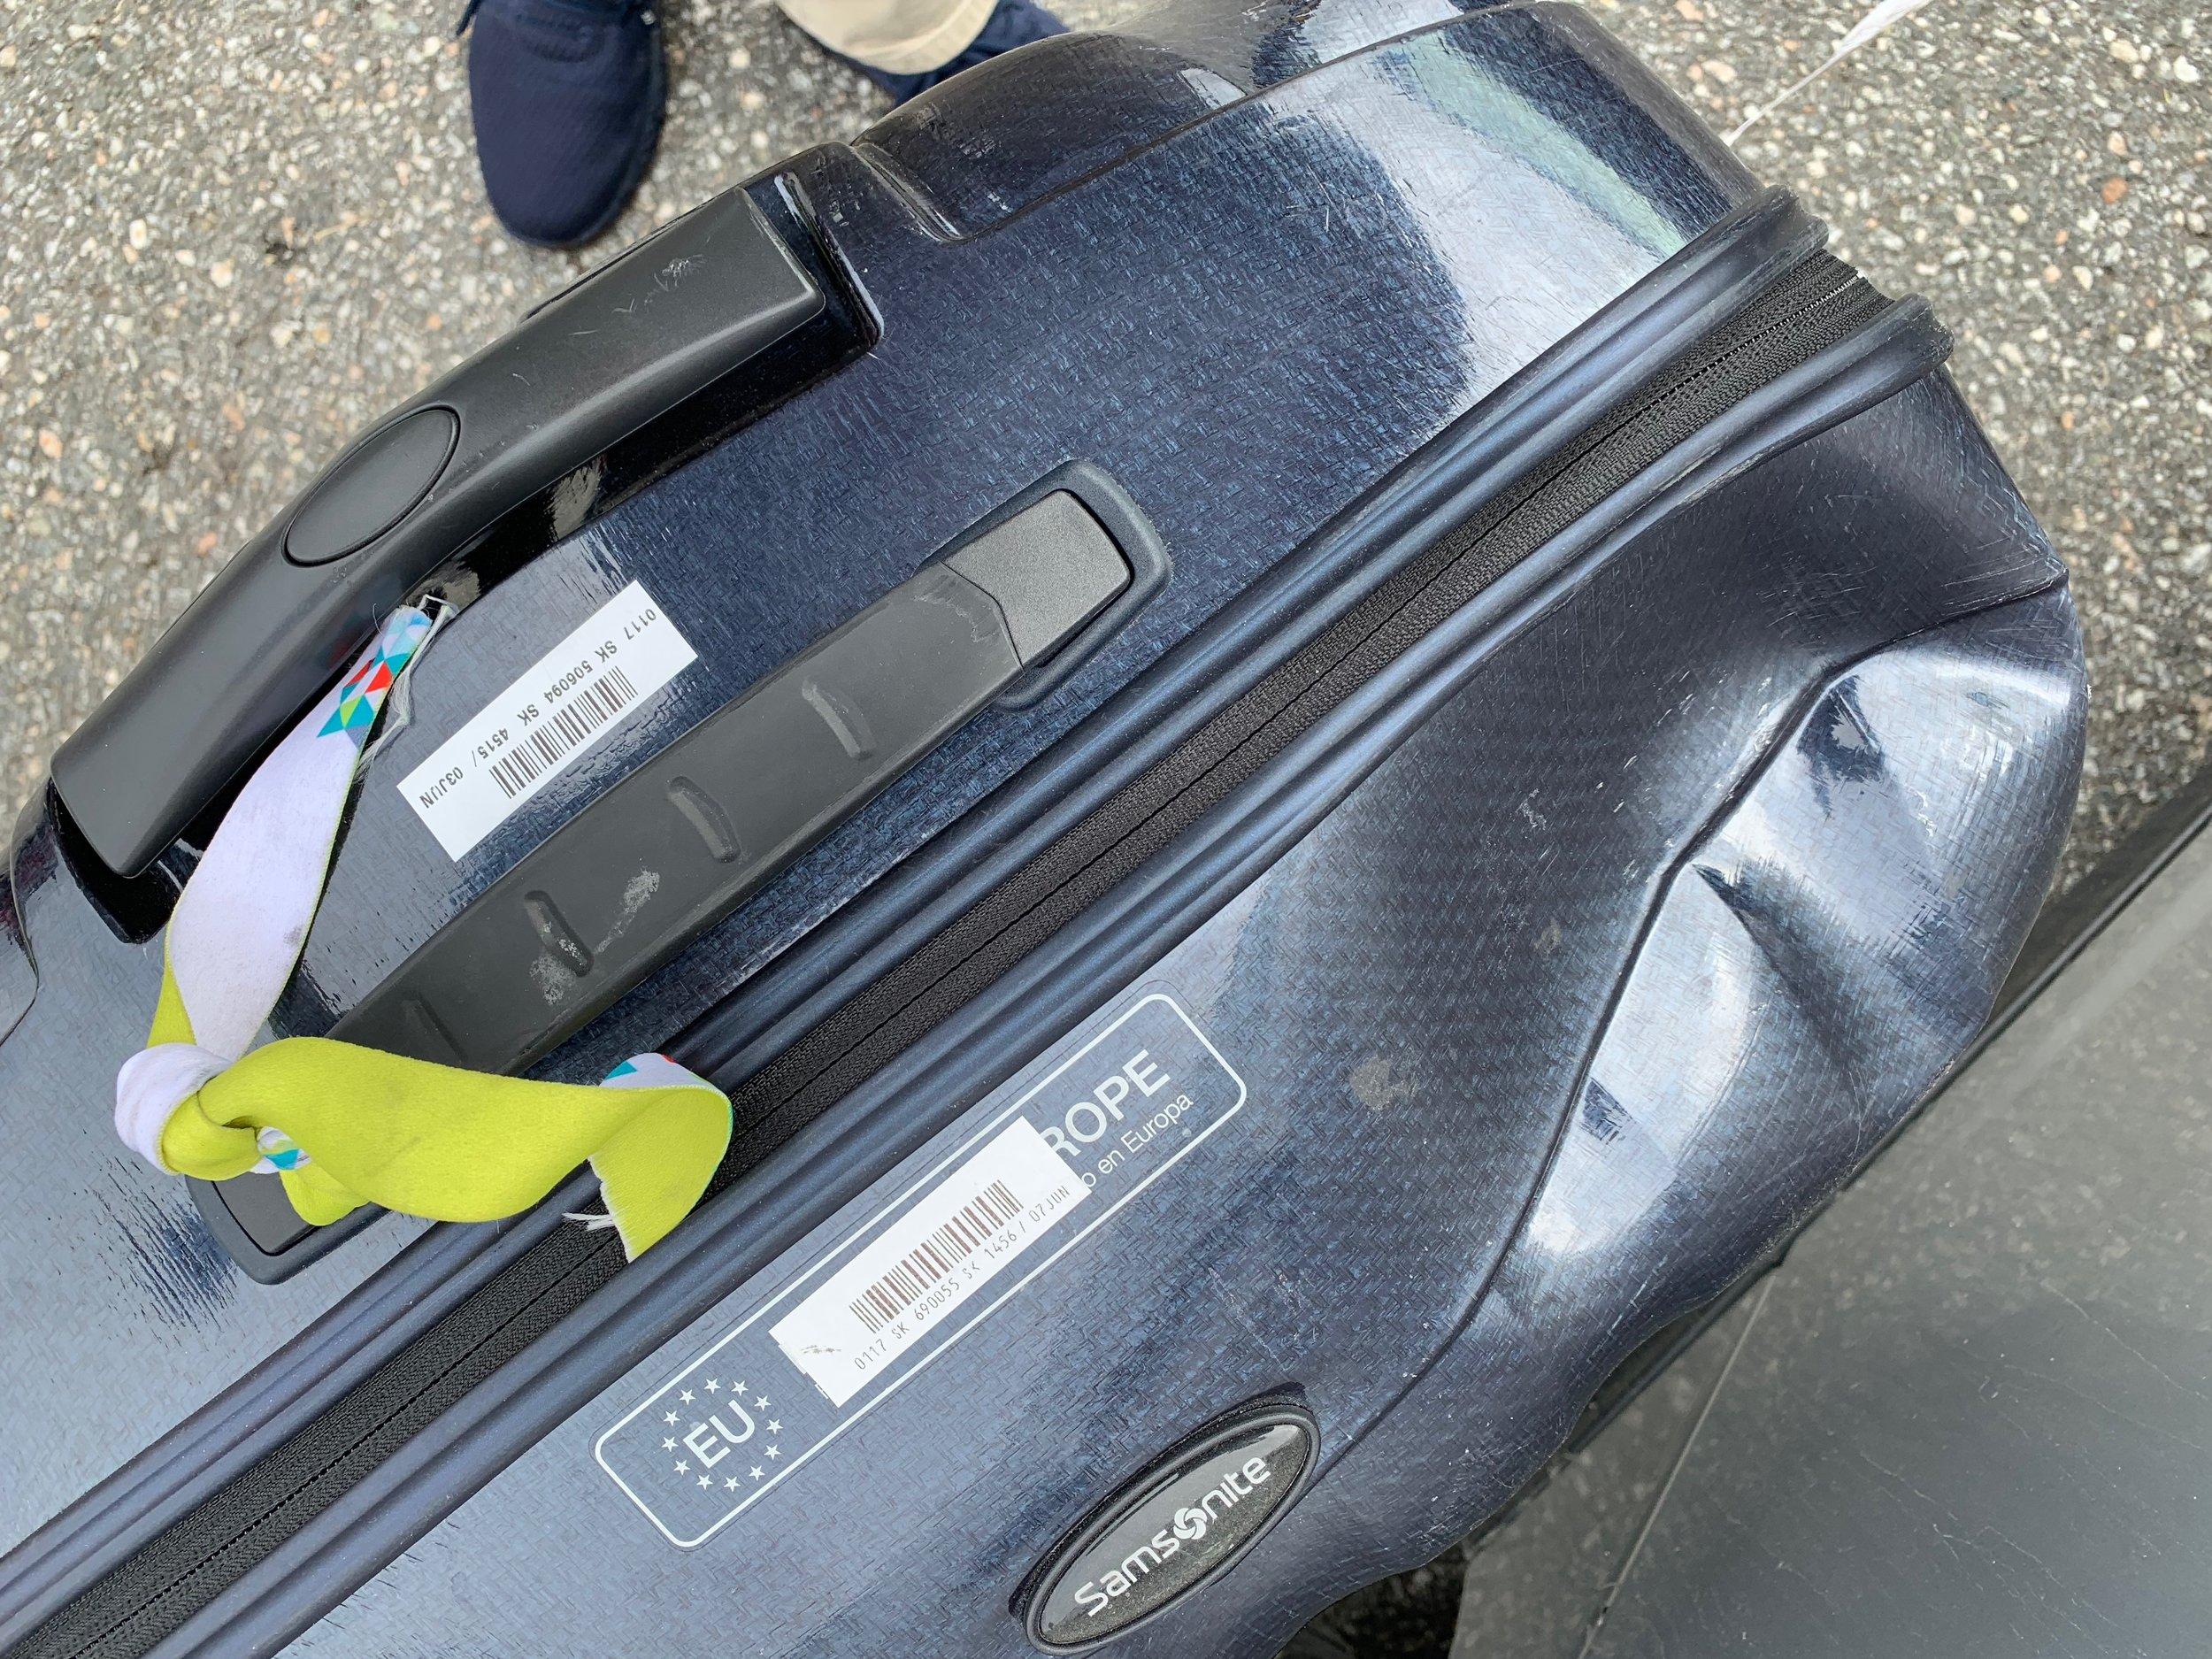 Slik så kofferten ut etter litt røff behandling.                            Foto: Odd Roar Lange